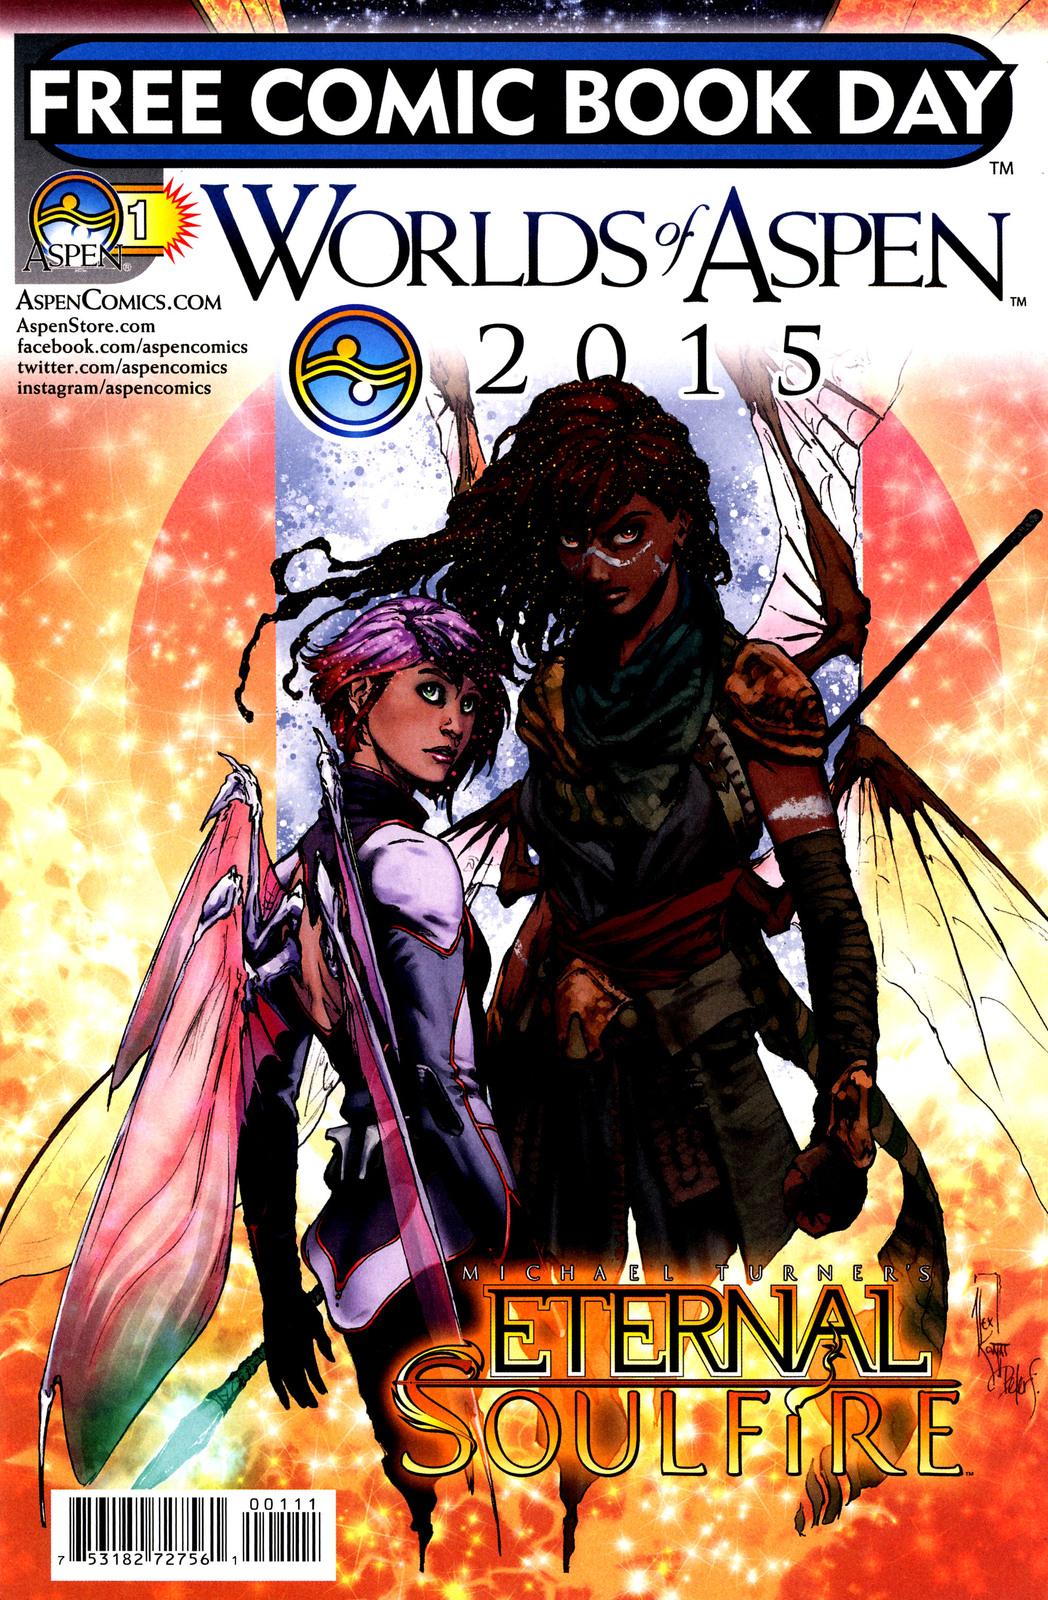 Woa20151 1